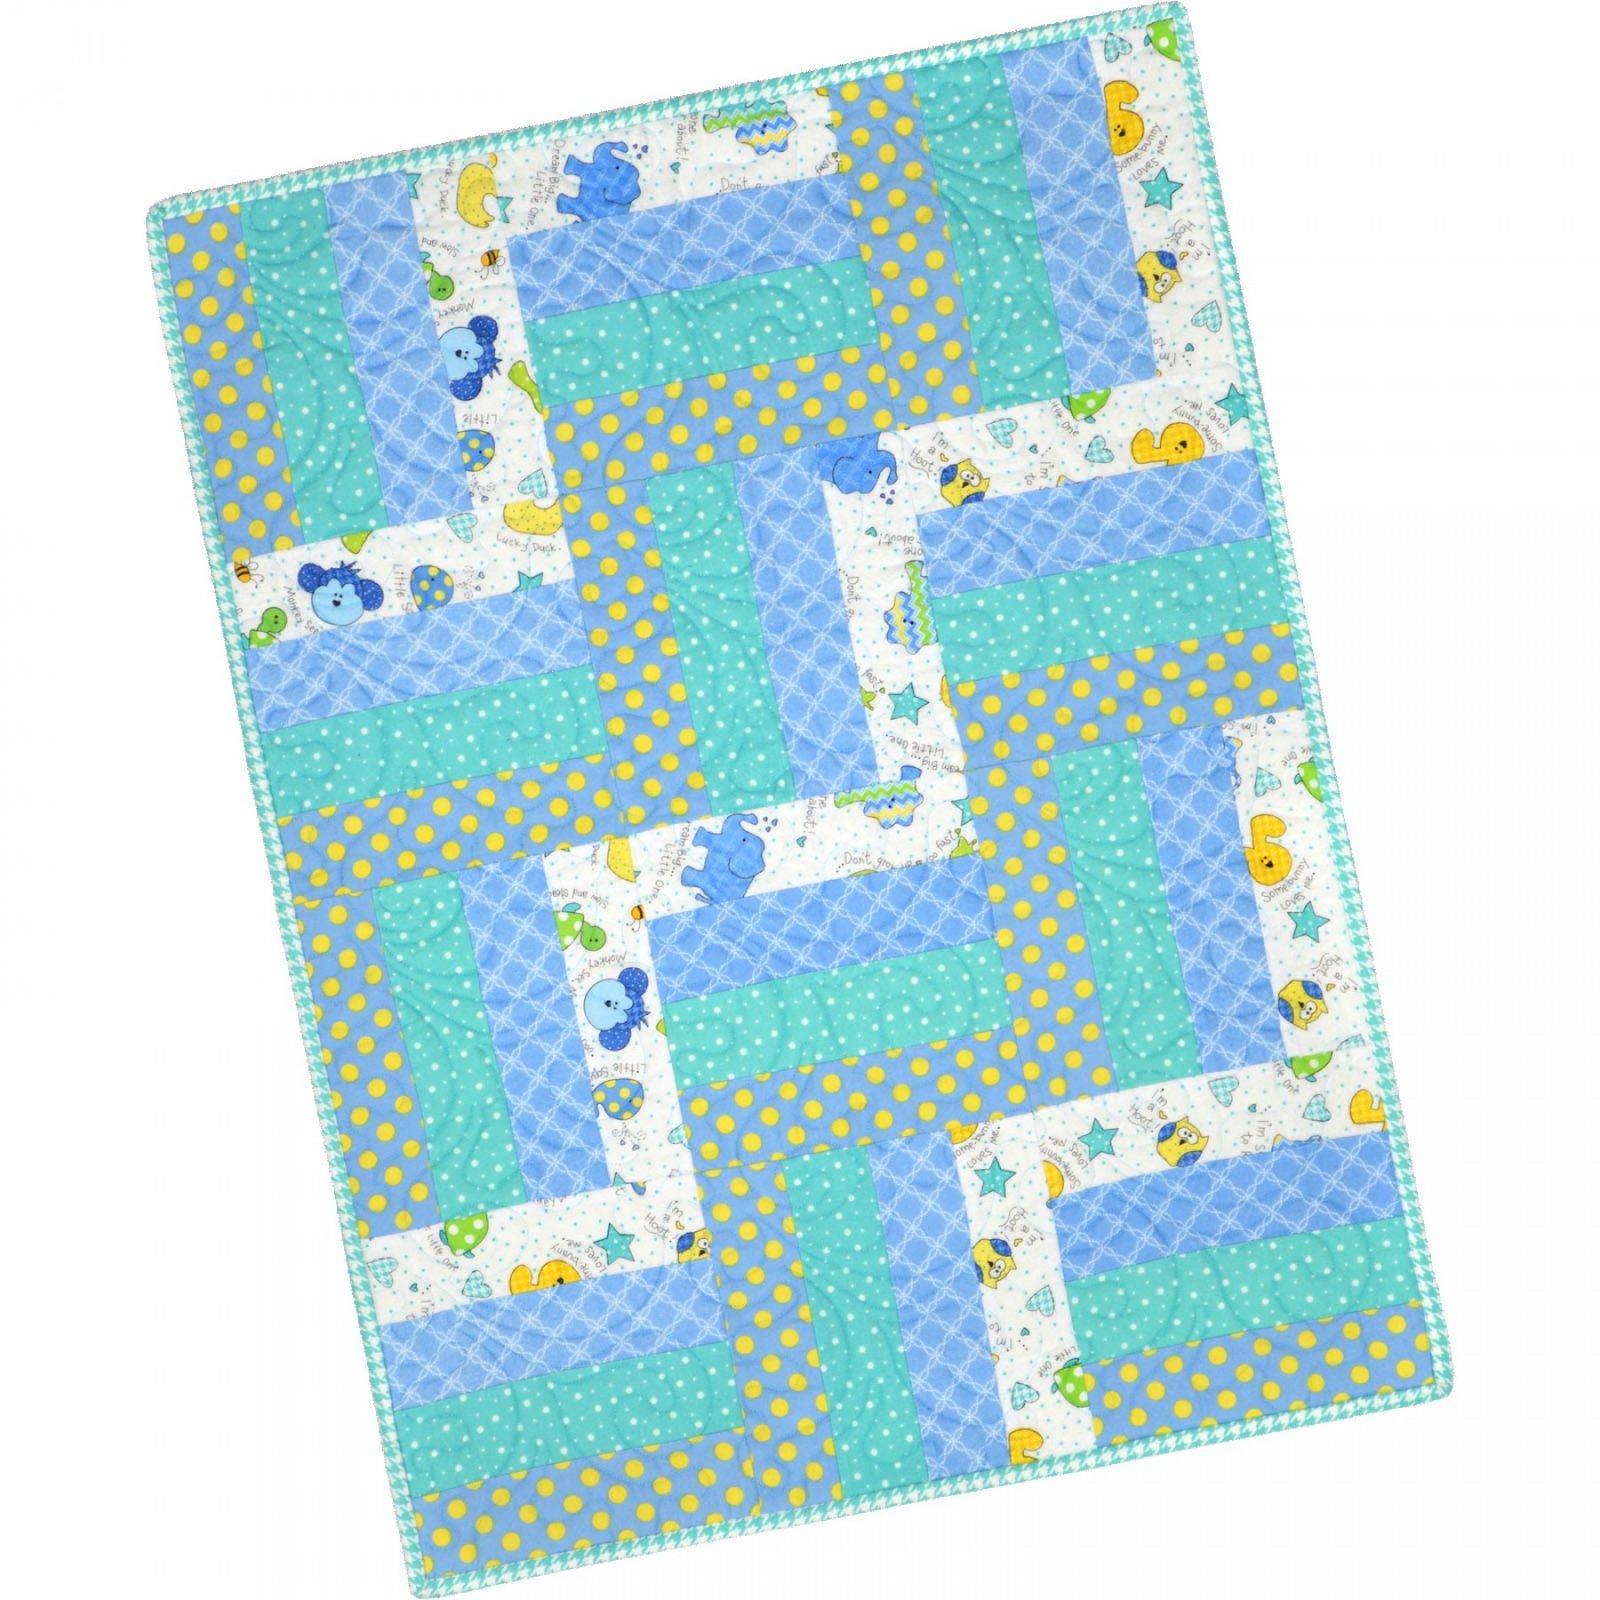 Maywood Studio Pods Easy Peasy Precut Kit Little One Blue Kids Flannel Quilt Kit